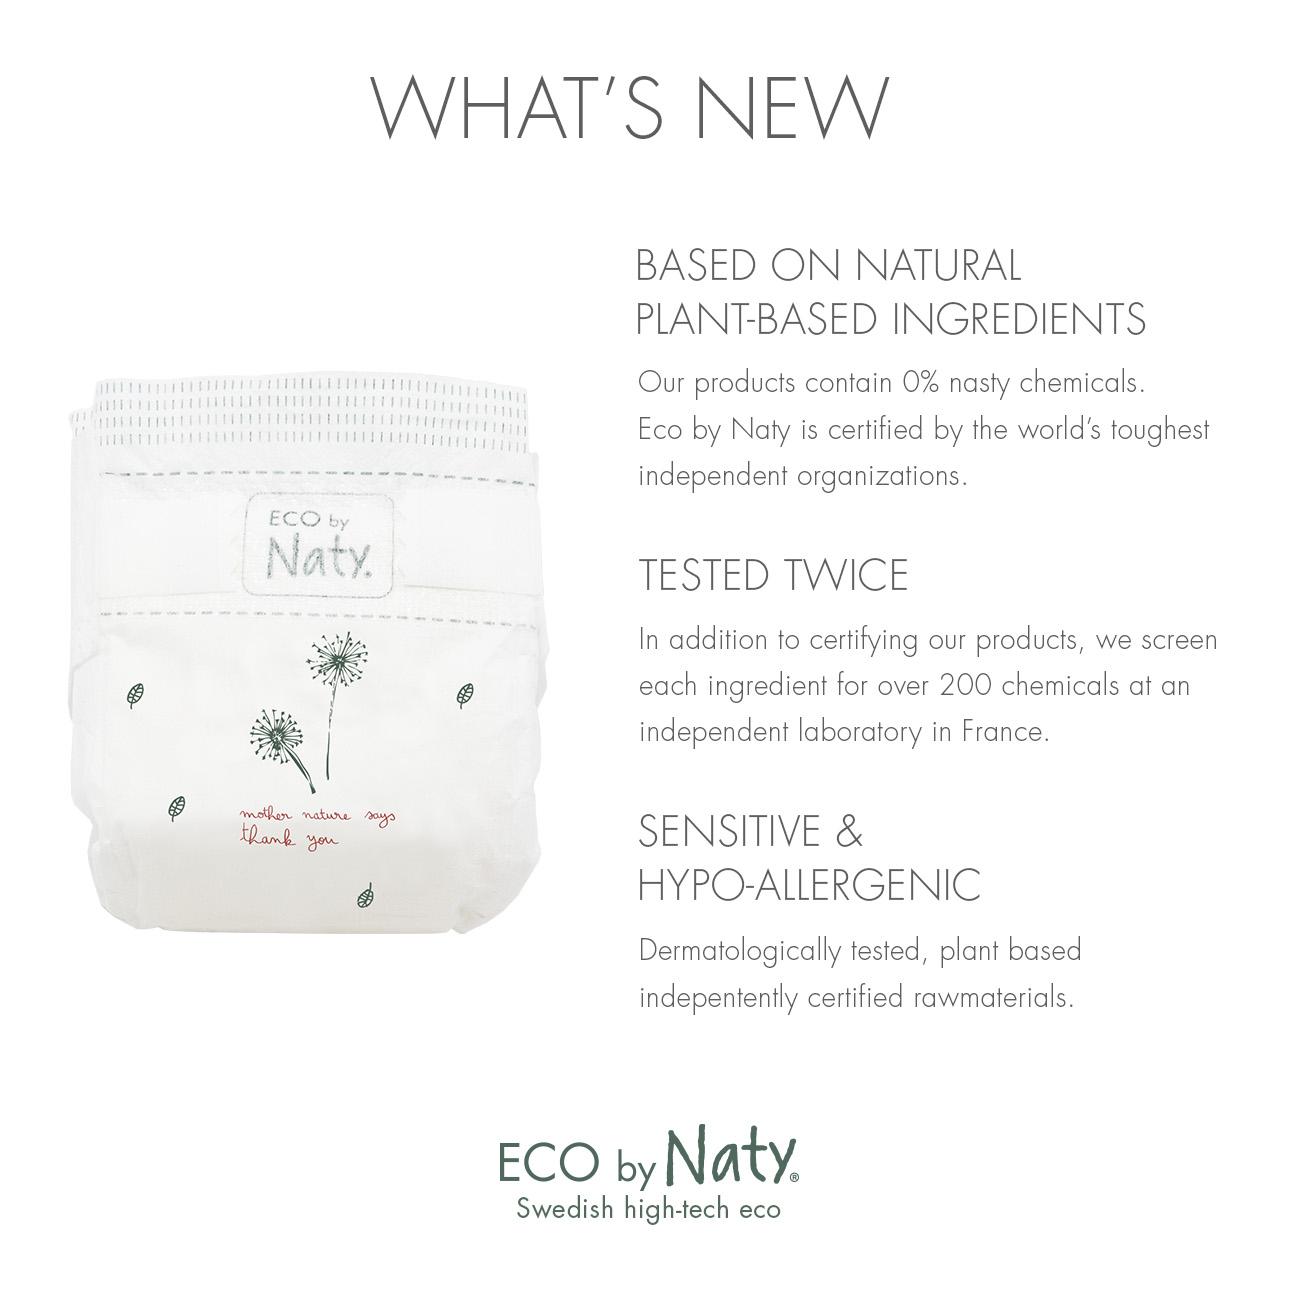 Naty Nature Babycare jednorázové eko plenky Newborn 2-5kg 26ks + DOPRAVA ZDARMA po celý rok!